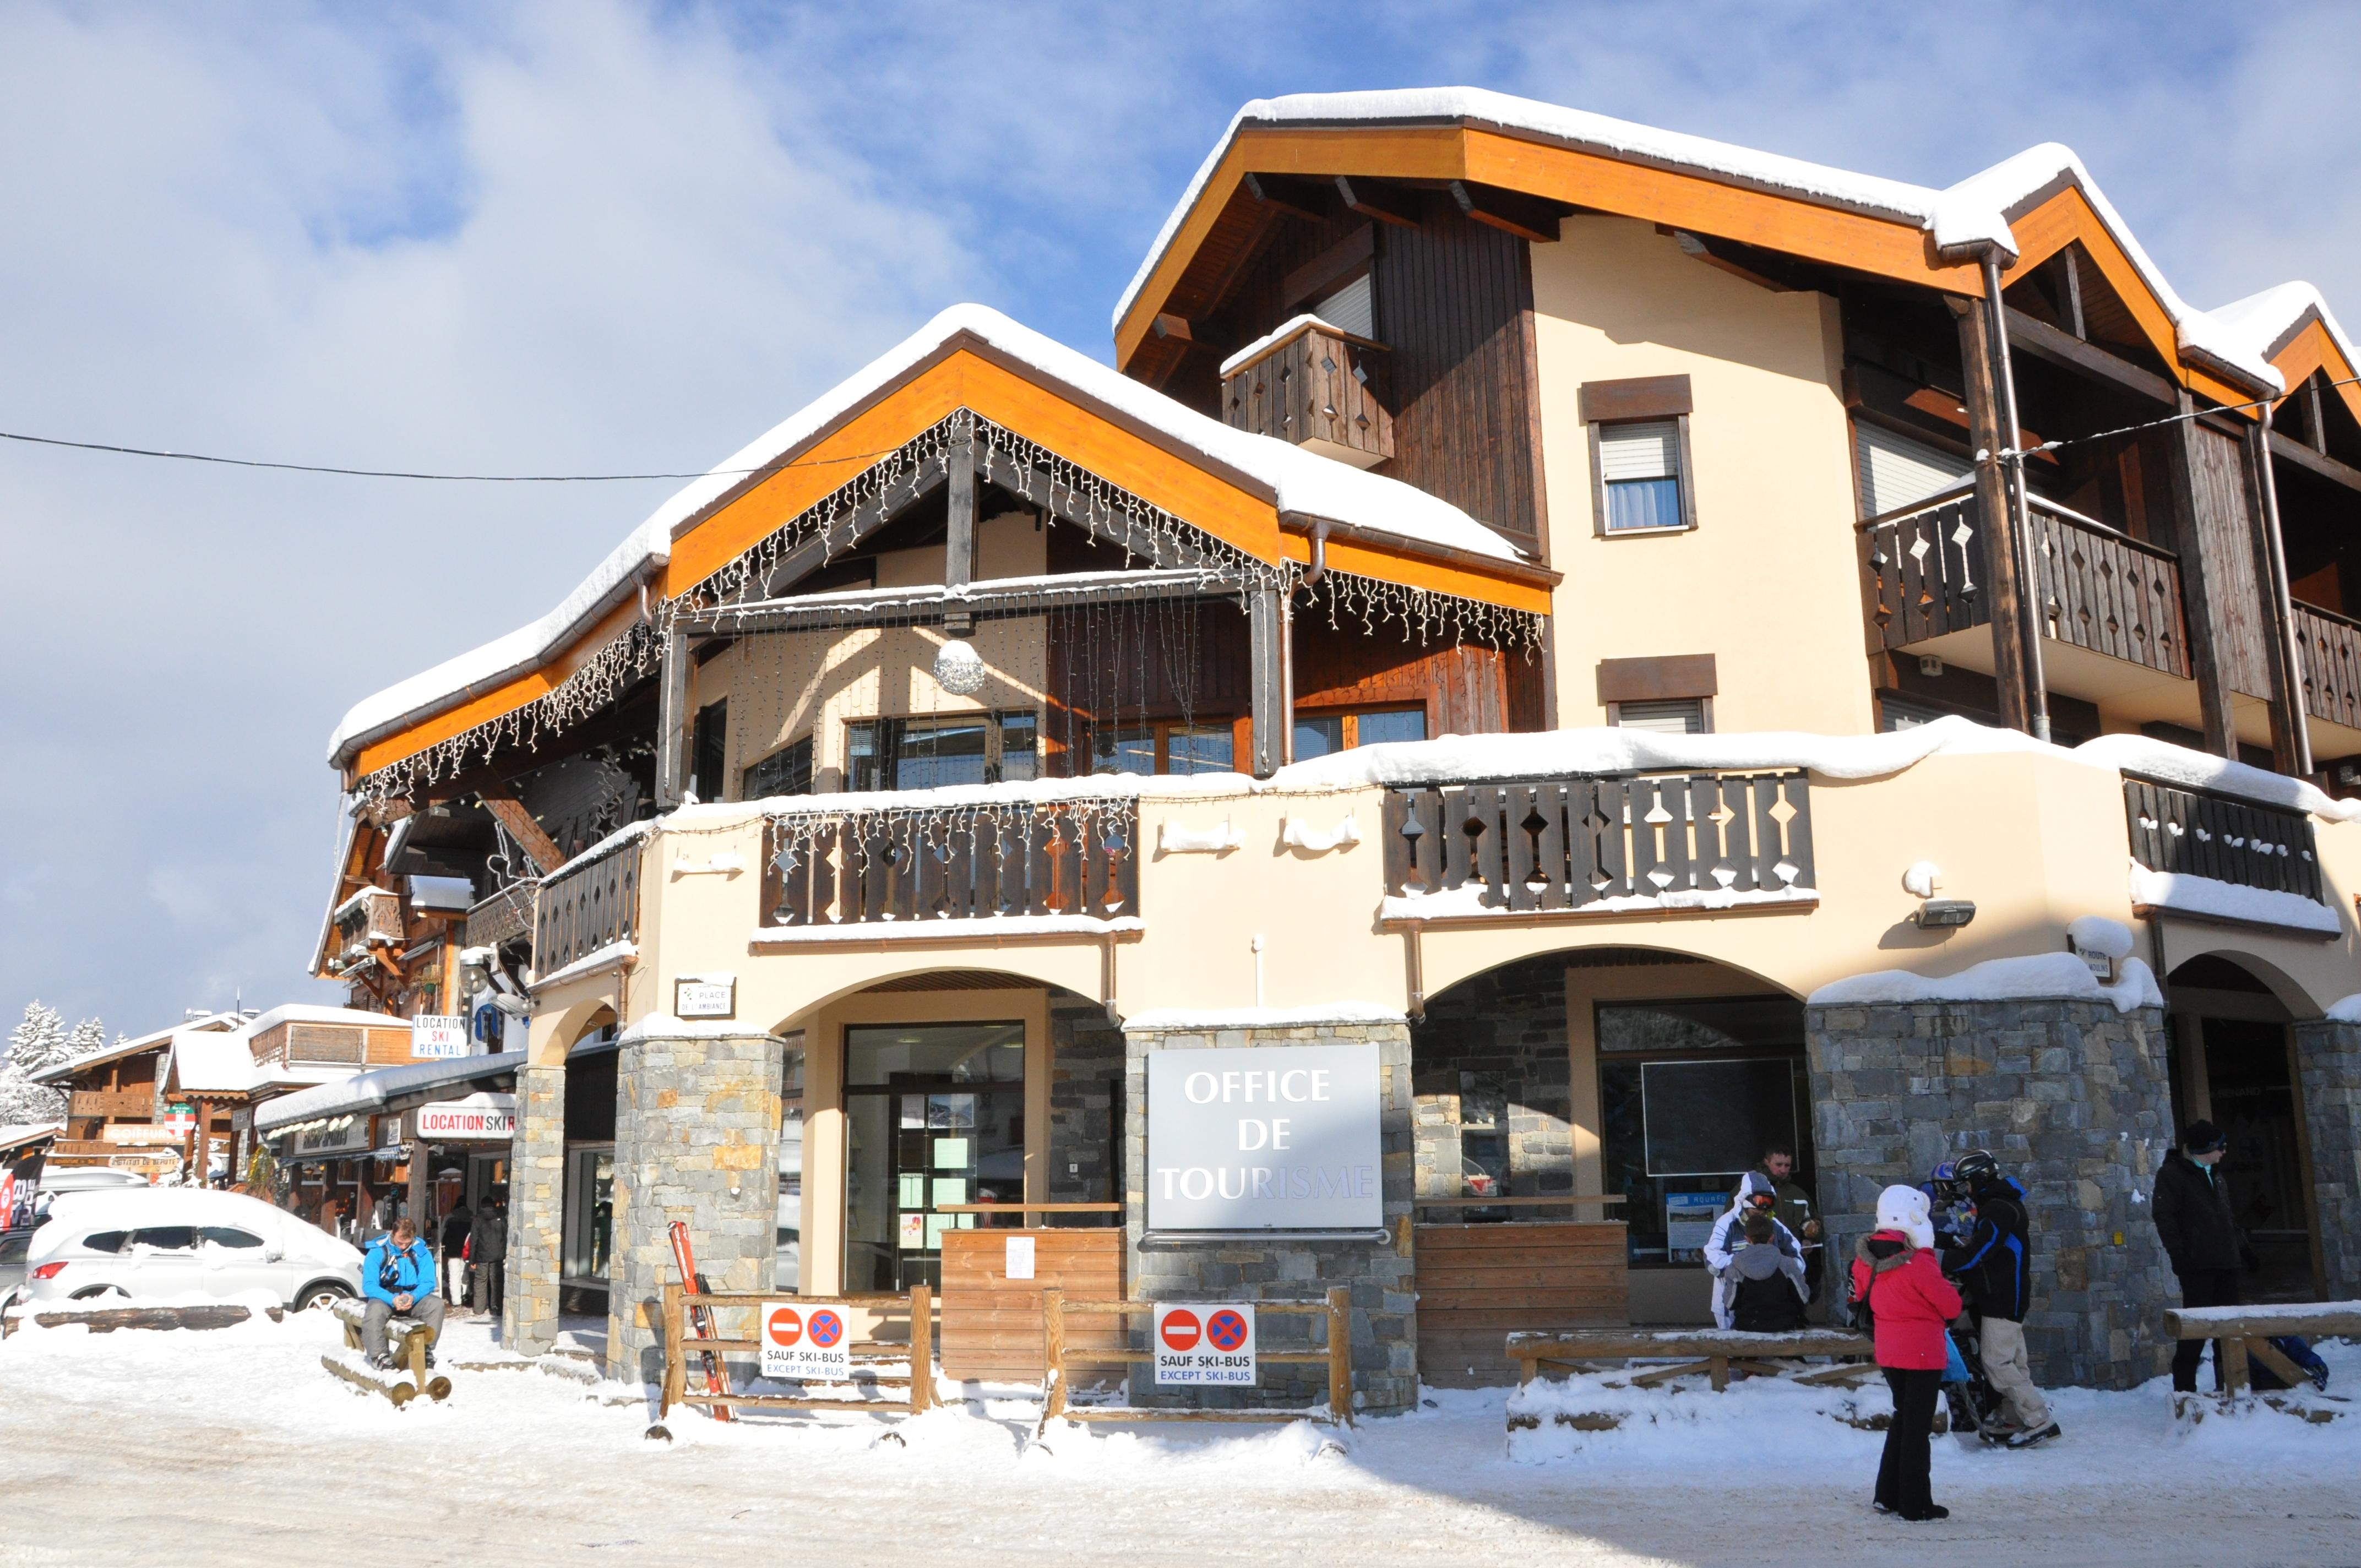 Office de tourisme les carroz savoie mont blanc savoie - Office tourisme morillon haute savoie ...